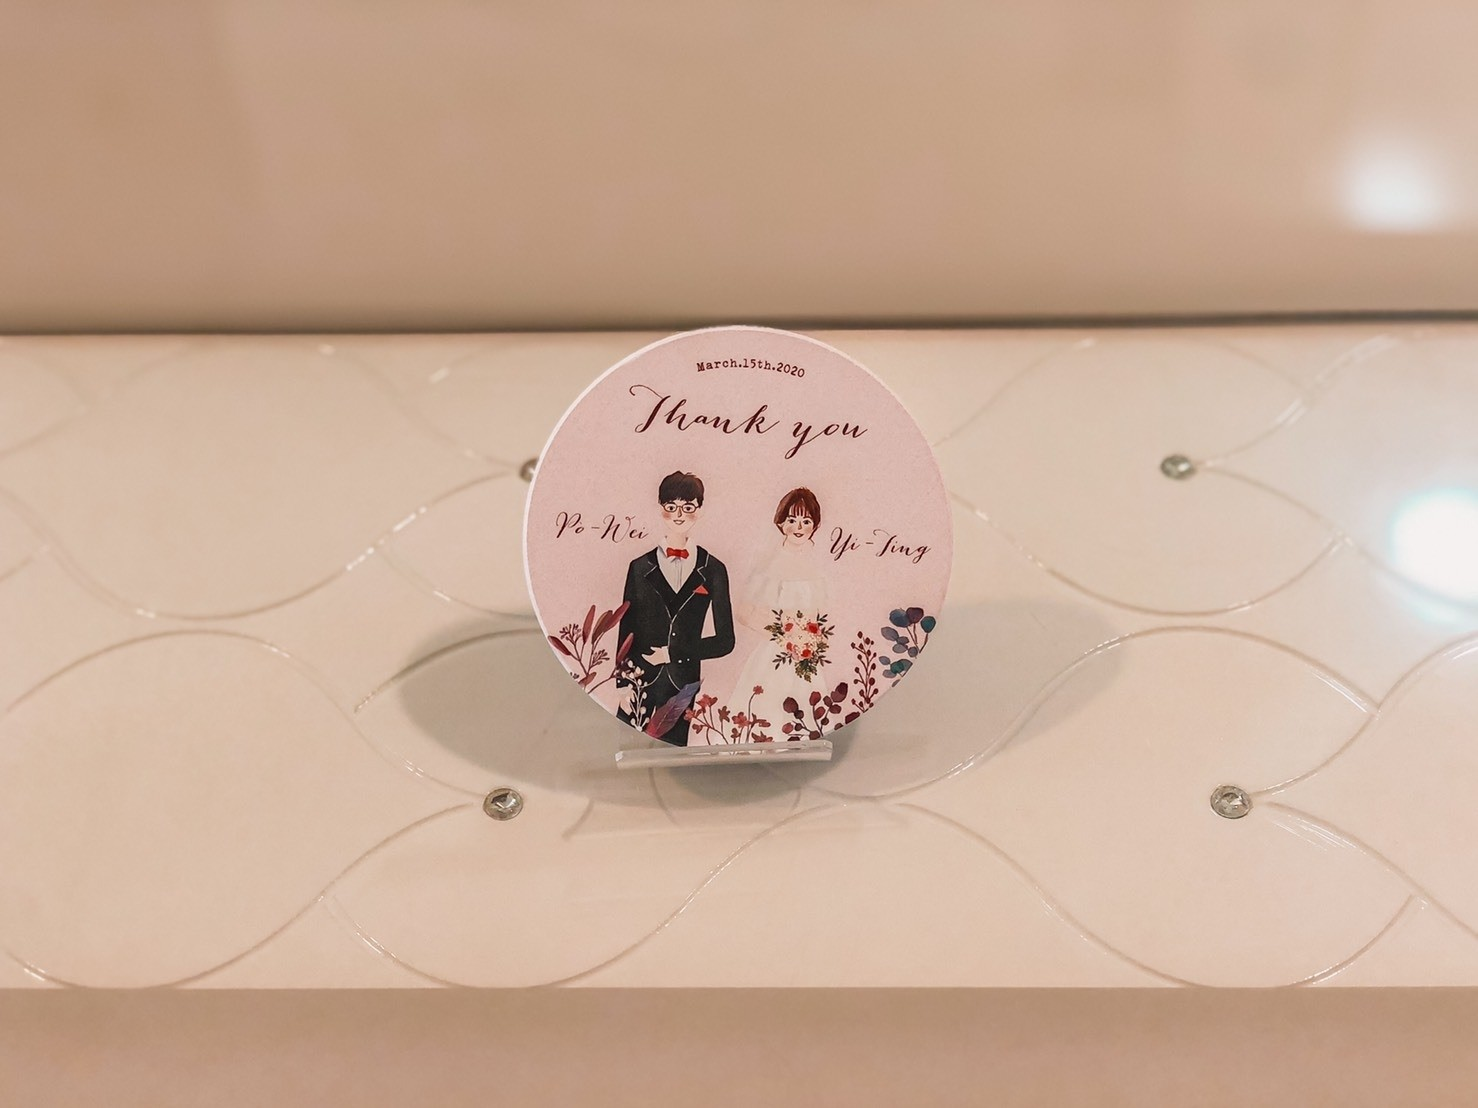 精緻婚禮小物-客製化印刷杯墊(可客製)